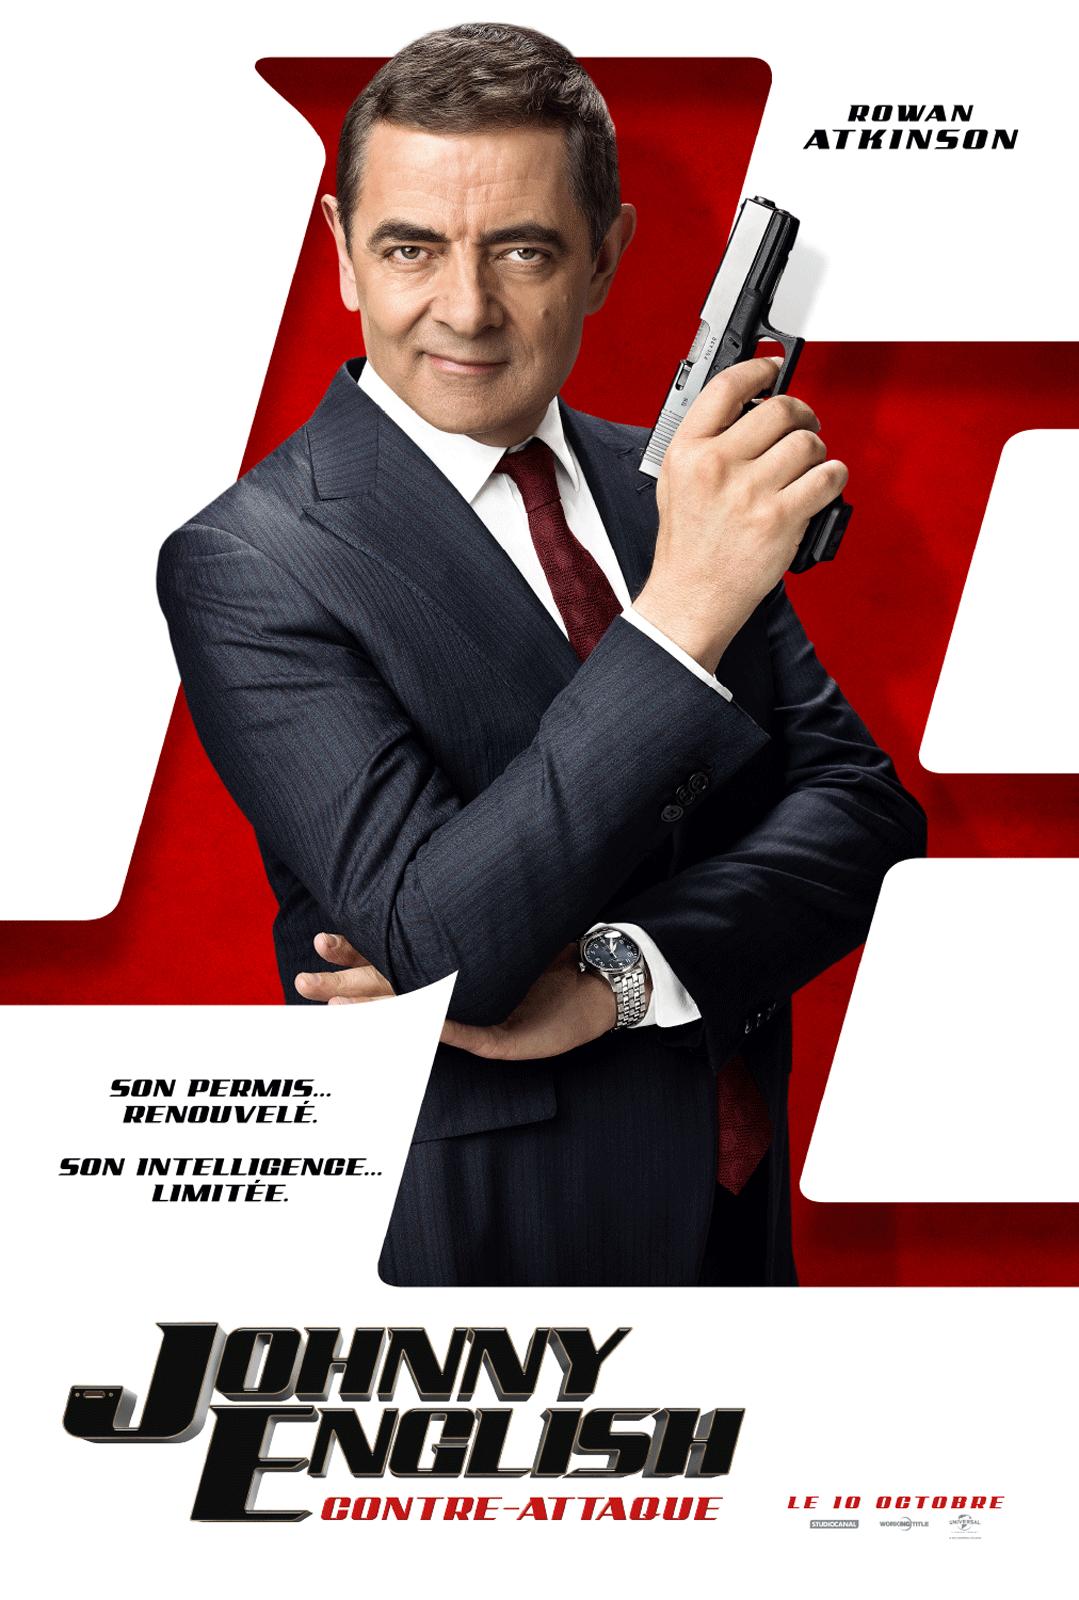 Johnny English contre-attaque - Film (2018)